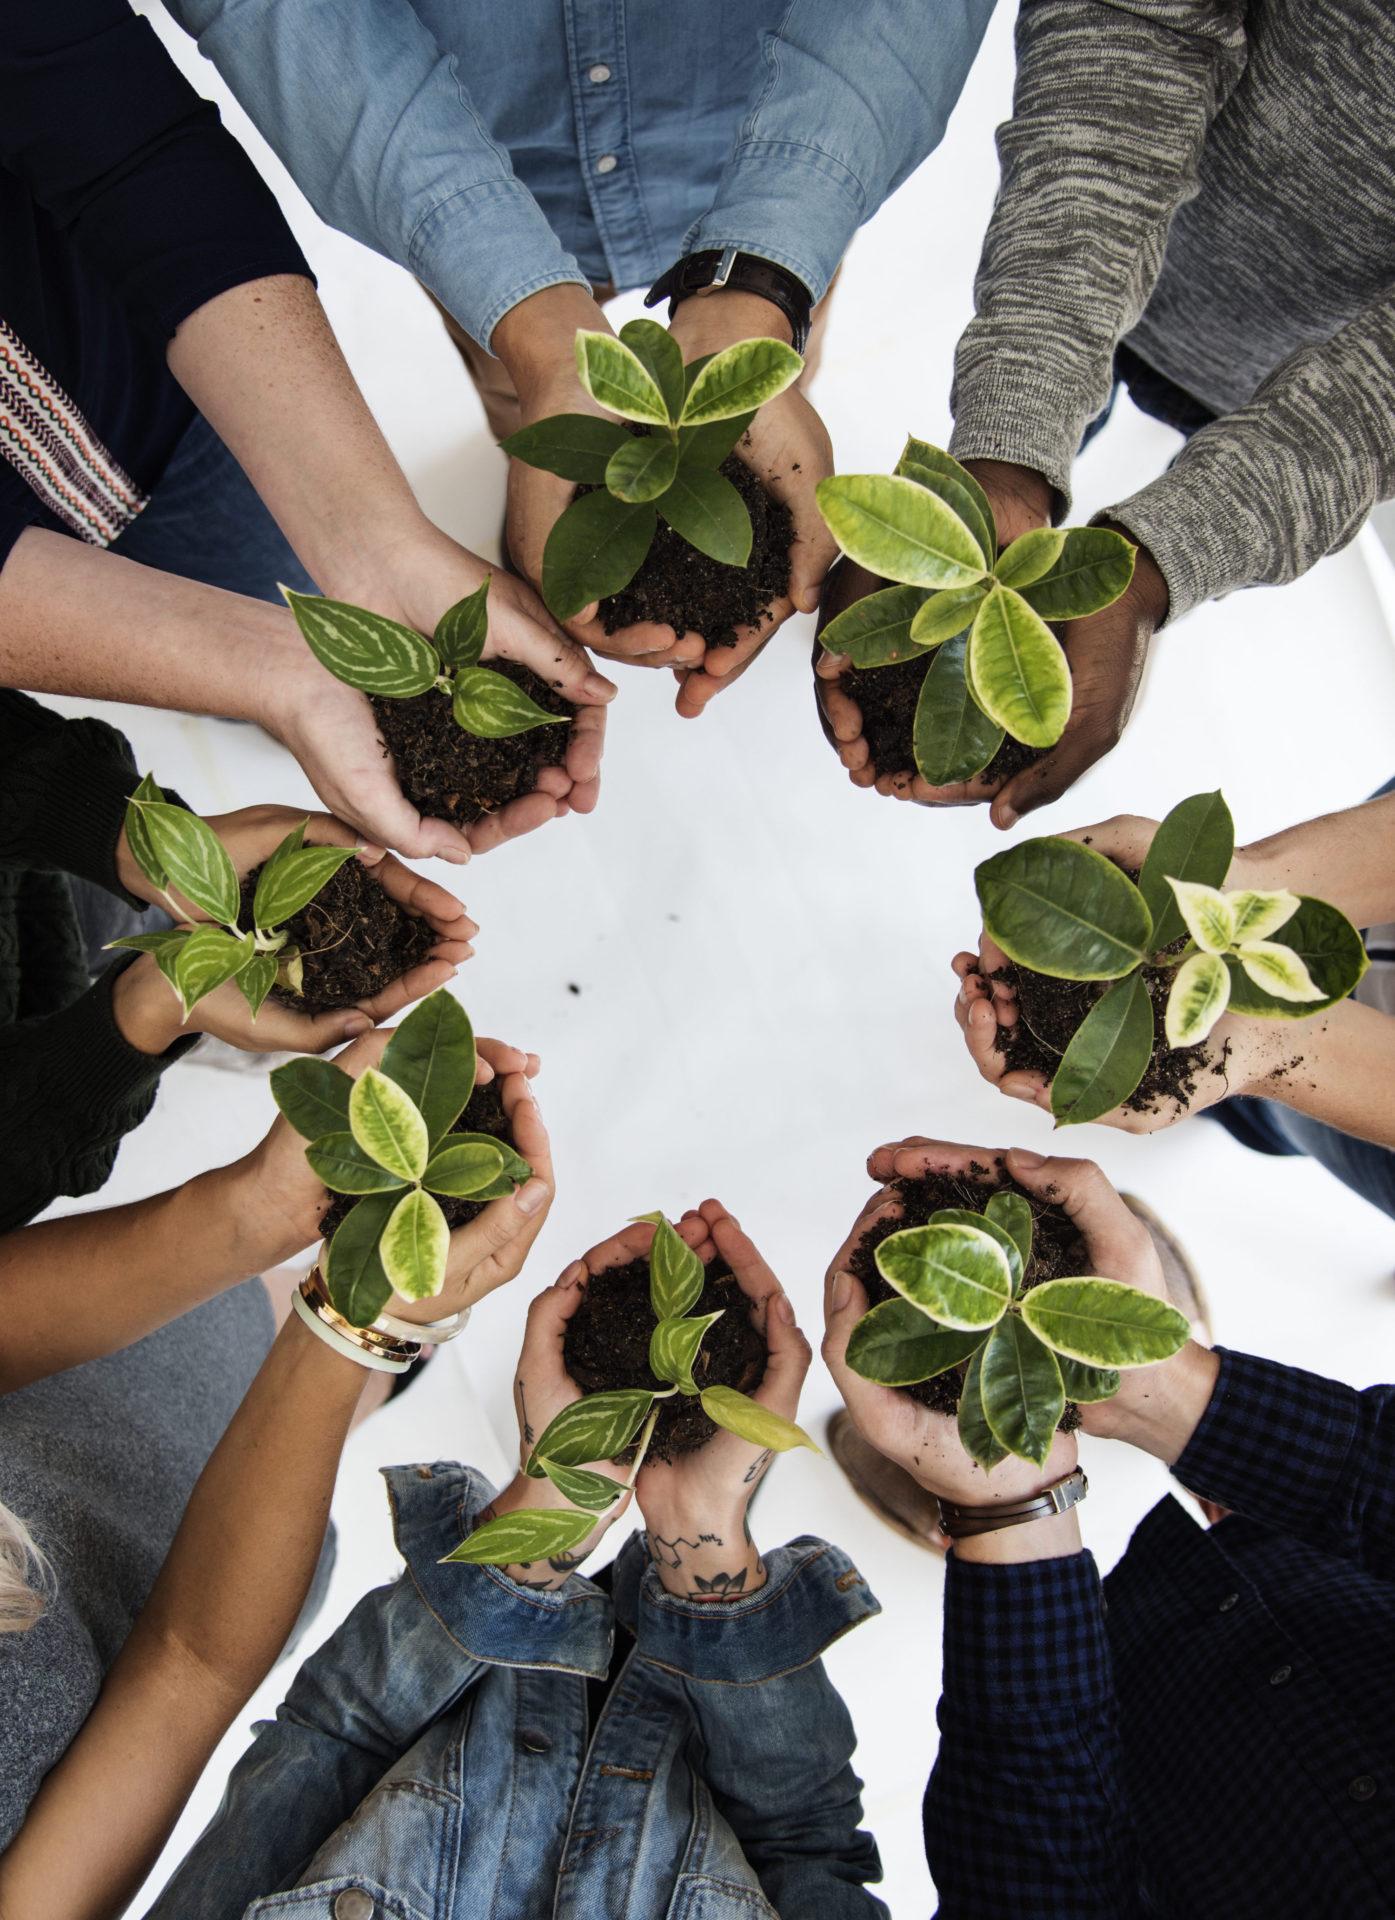 https://smart-green.pl/wp-content/uploads/2019/05/AdobeStock_143396754-1-e1558611472928.jpeg